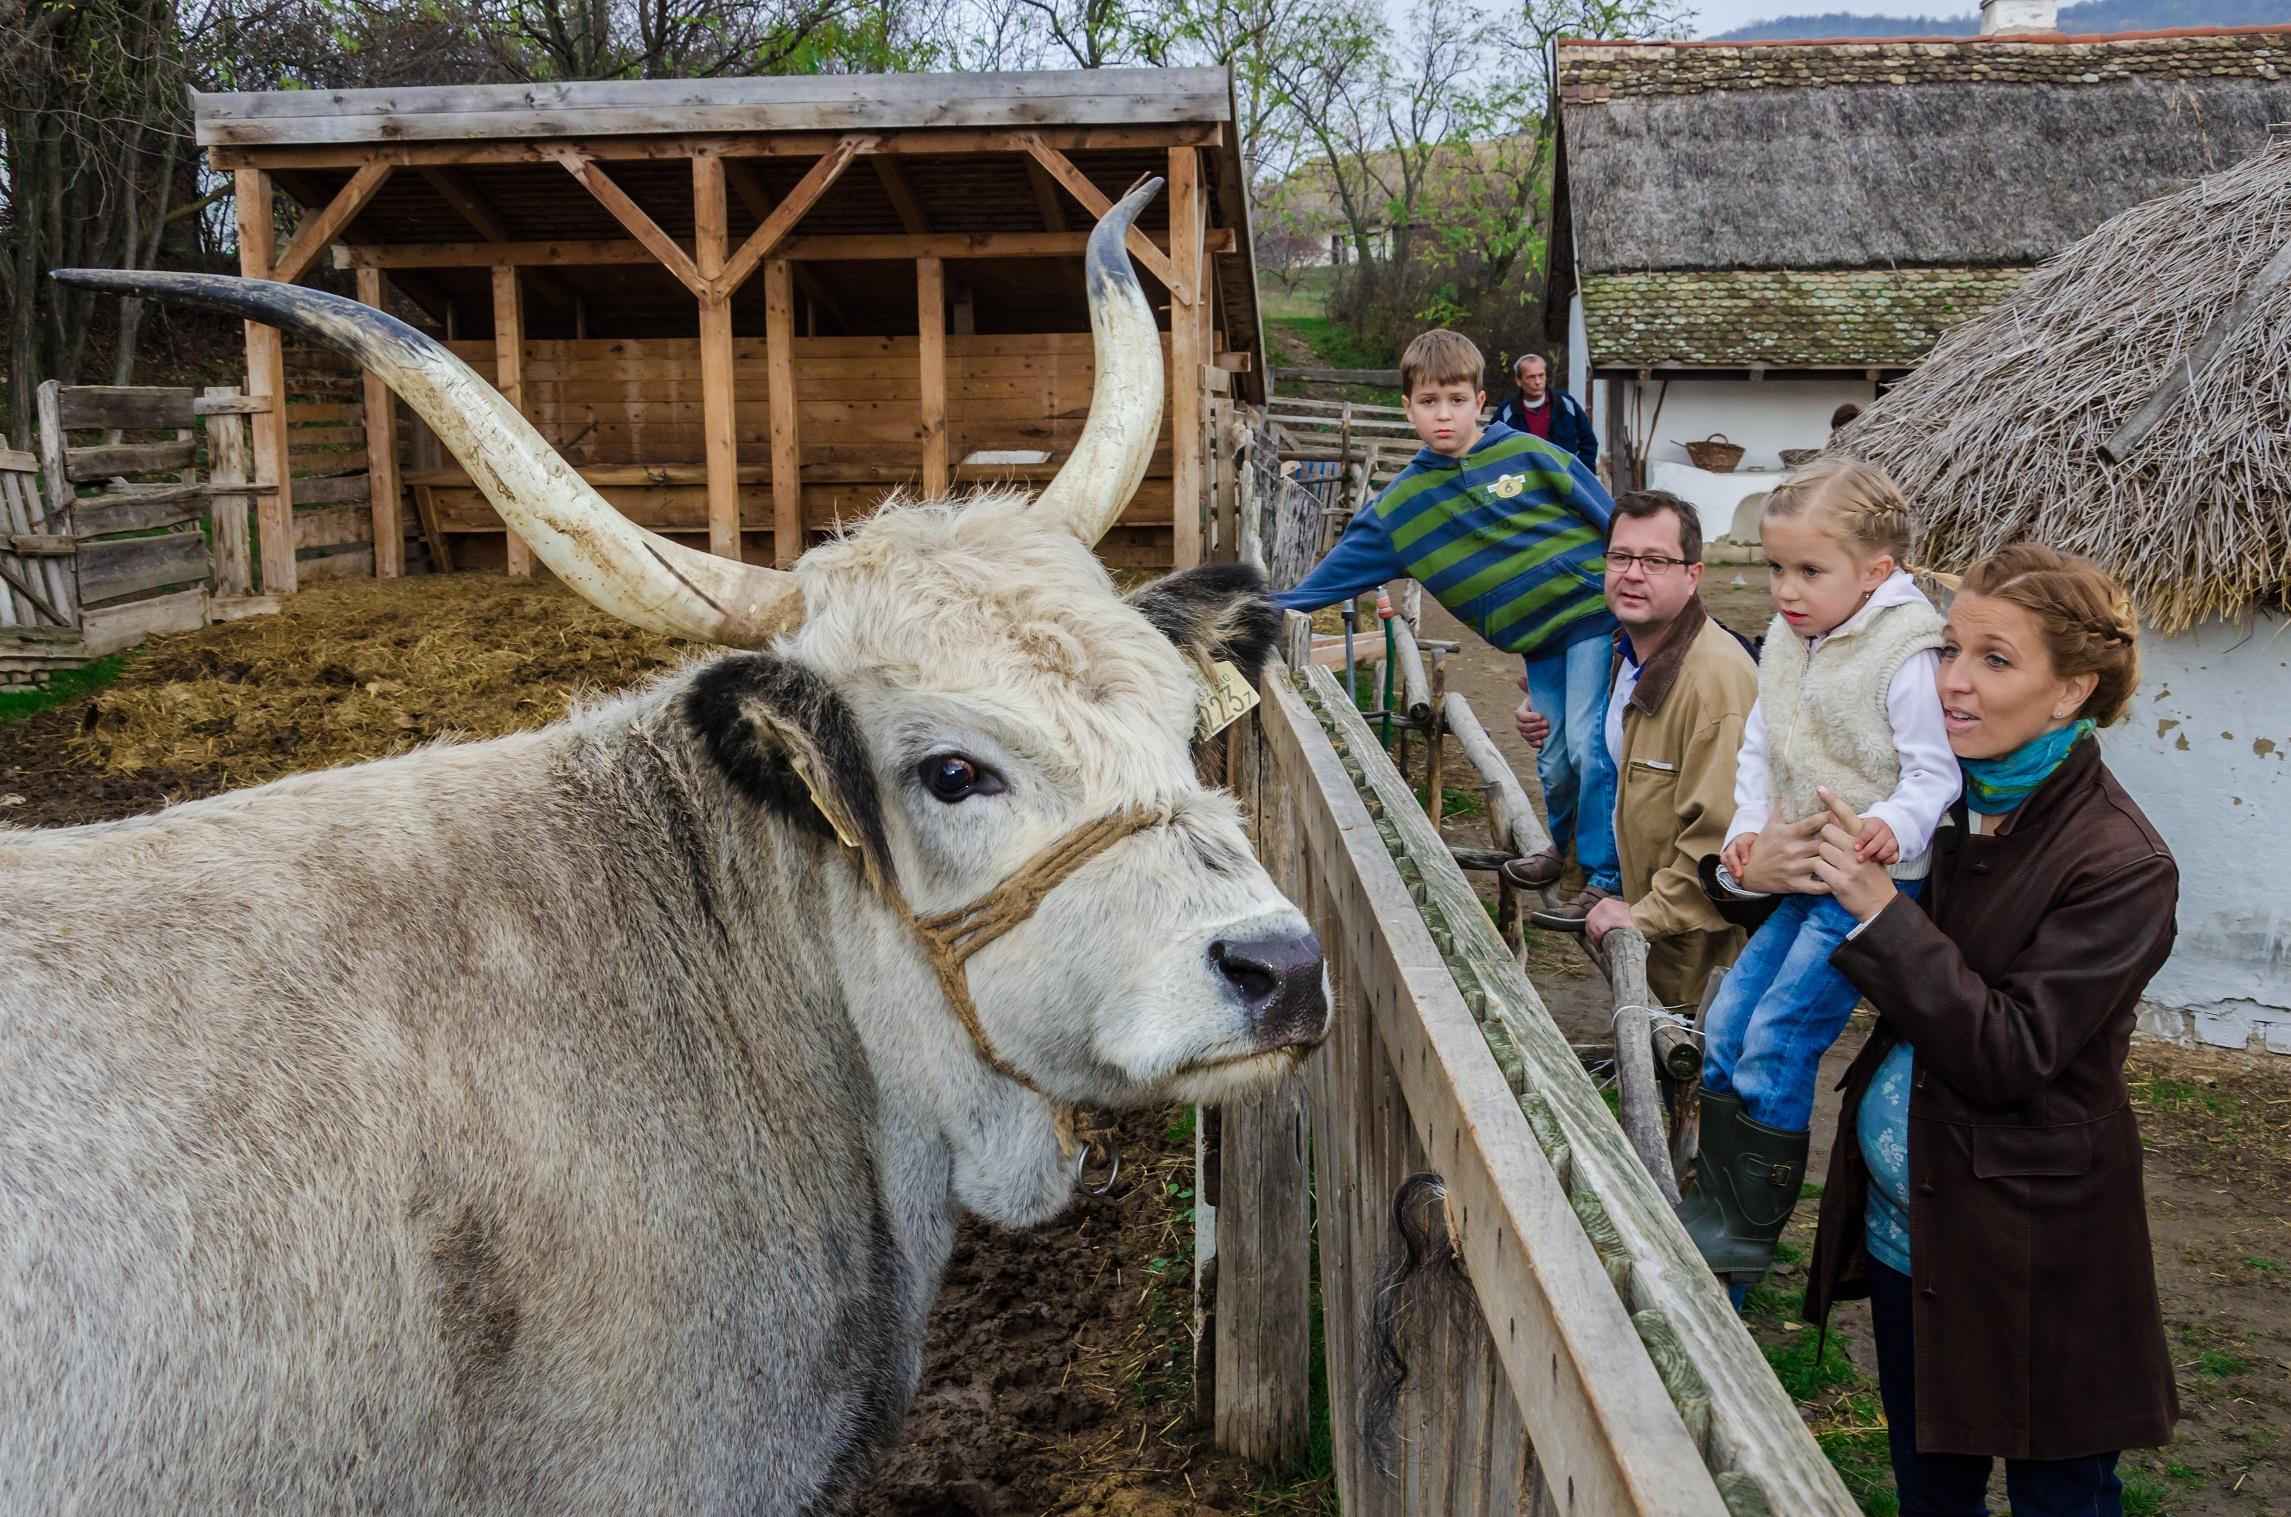 Az állatoké a főszerep a Skanzenben az ünnepi hétvégén